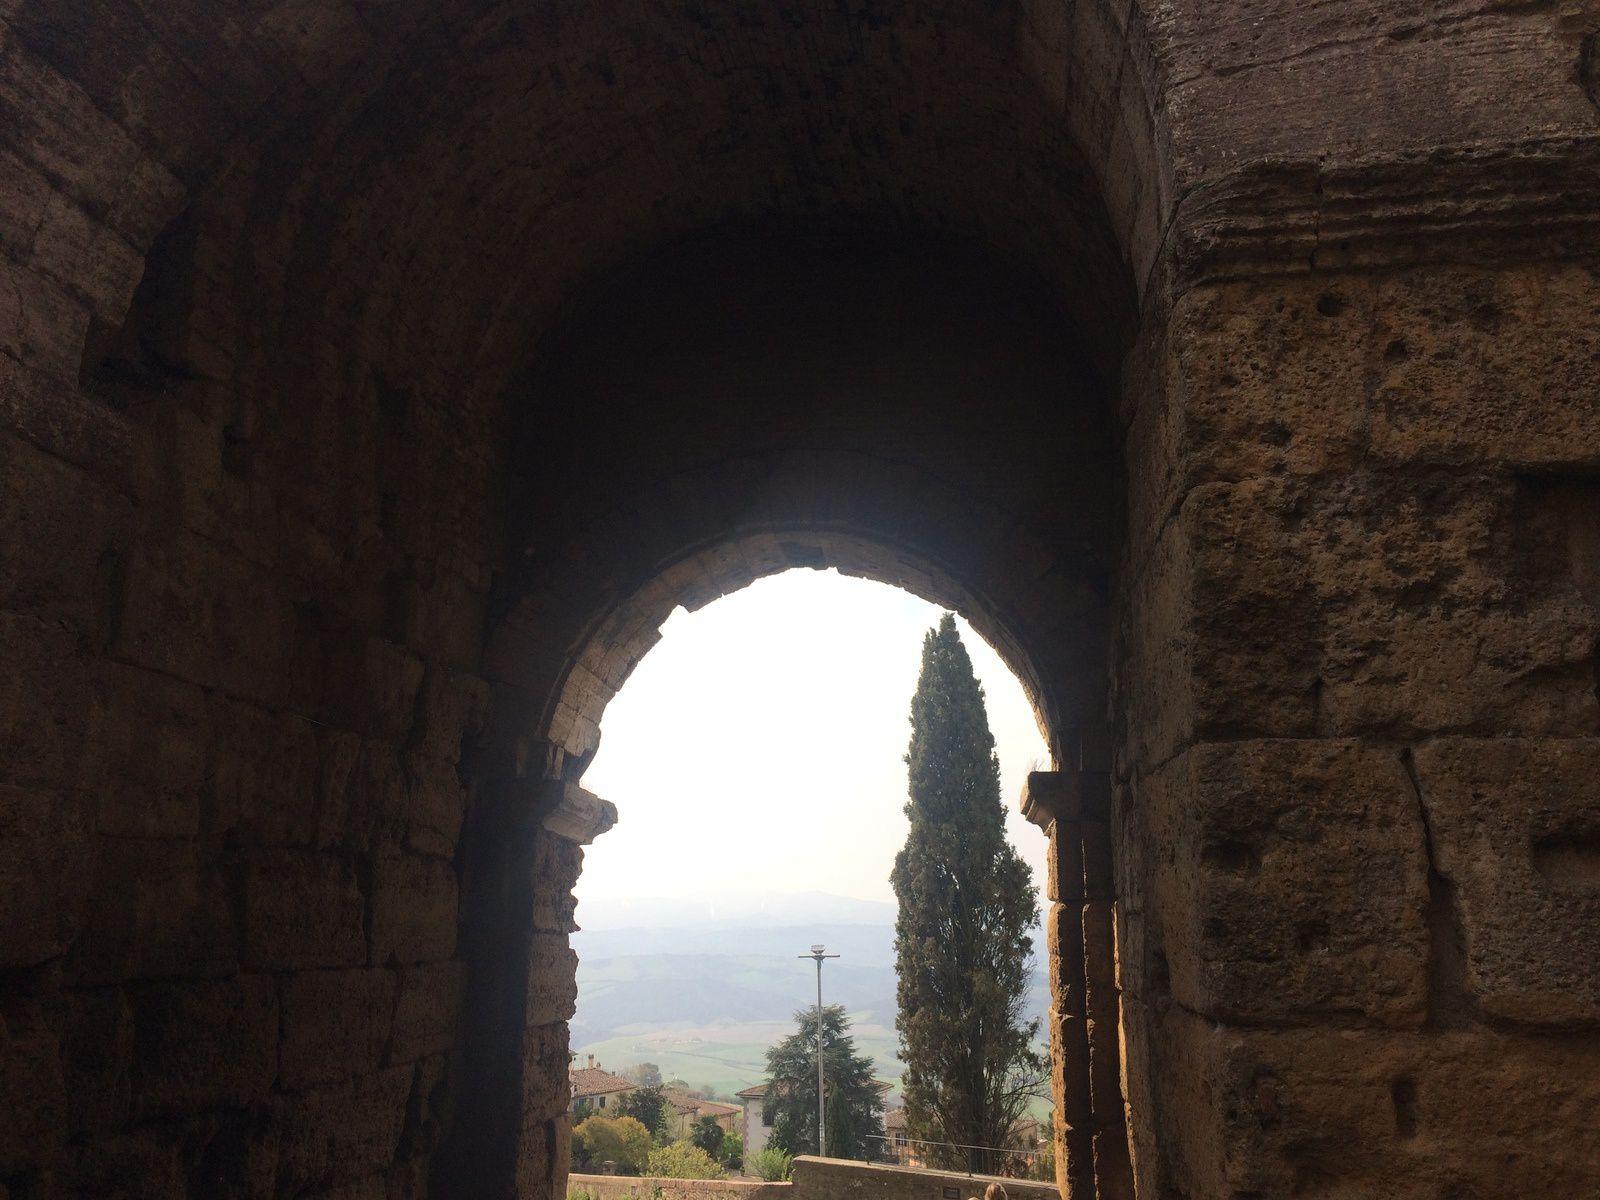 Photo prise sous le porche de l'entrée principale de la ville.